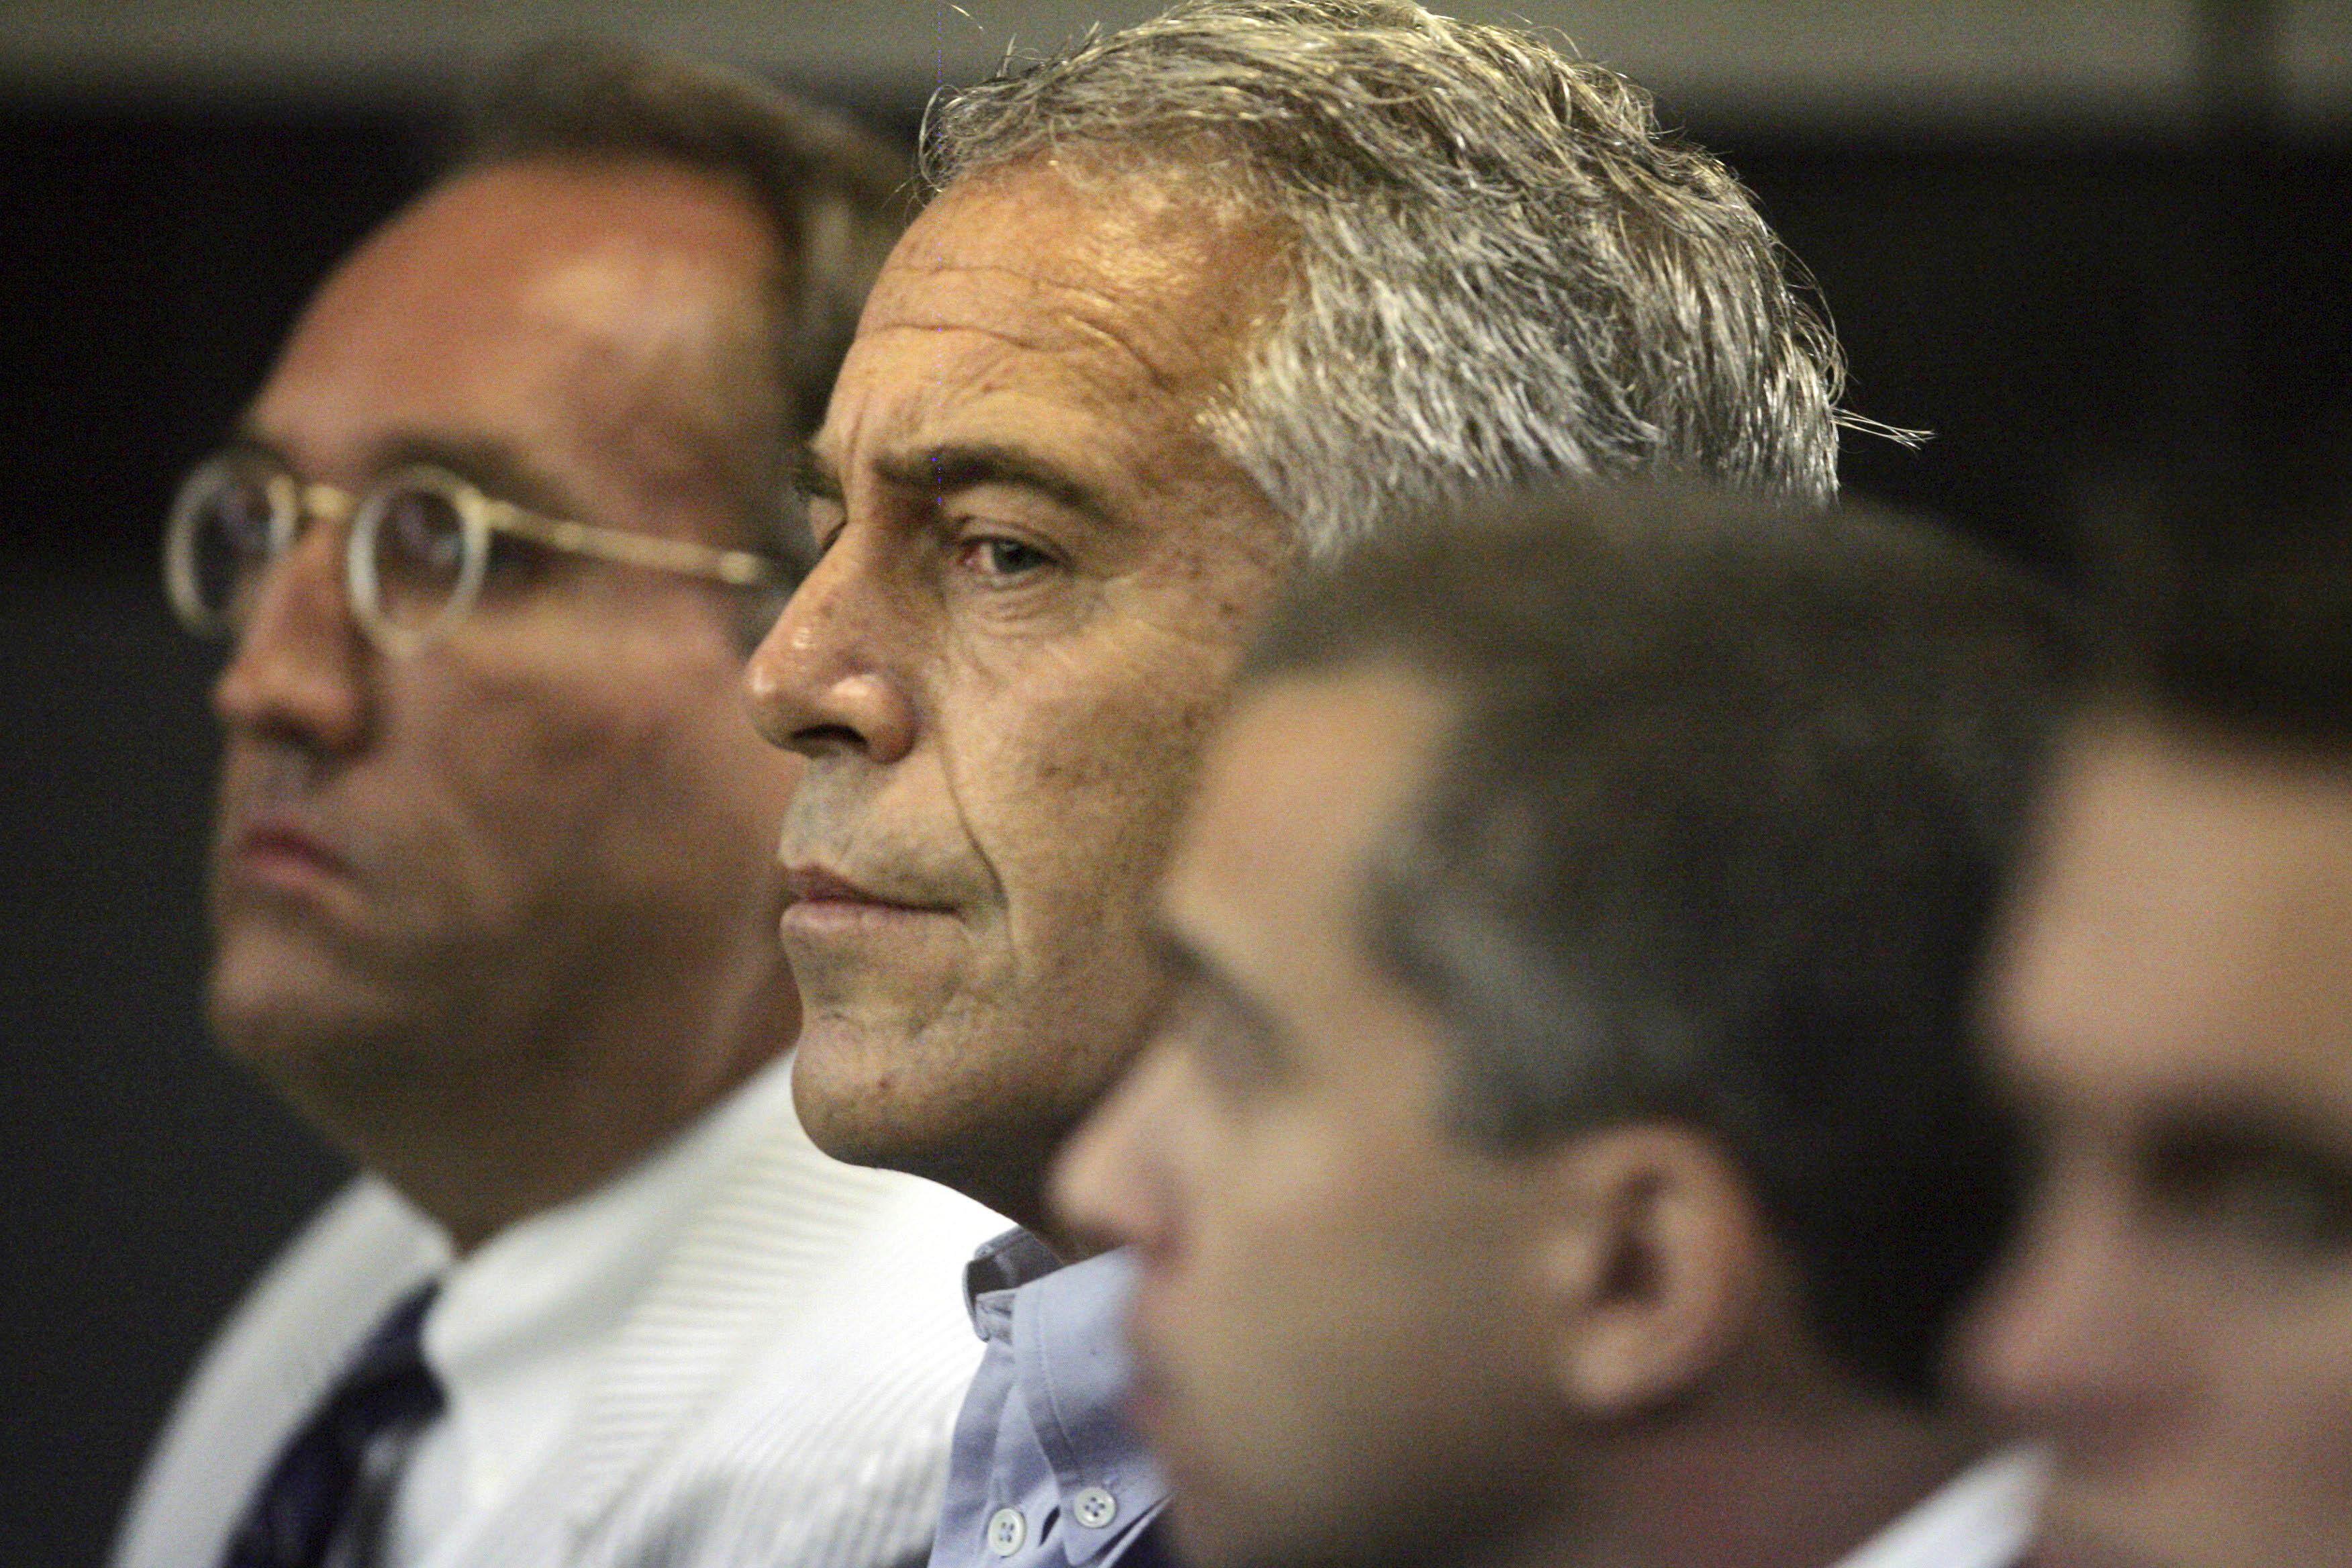 Le financier Epstein passe de la vie de luxe à la prison en cellule après des accusations de trafic sexuel